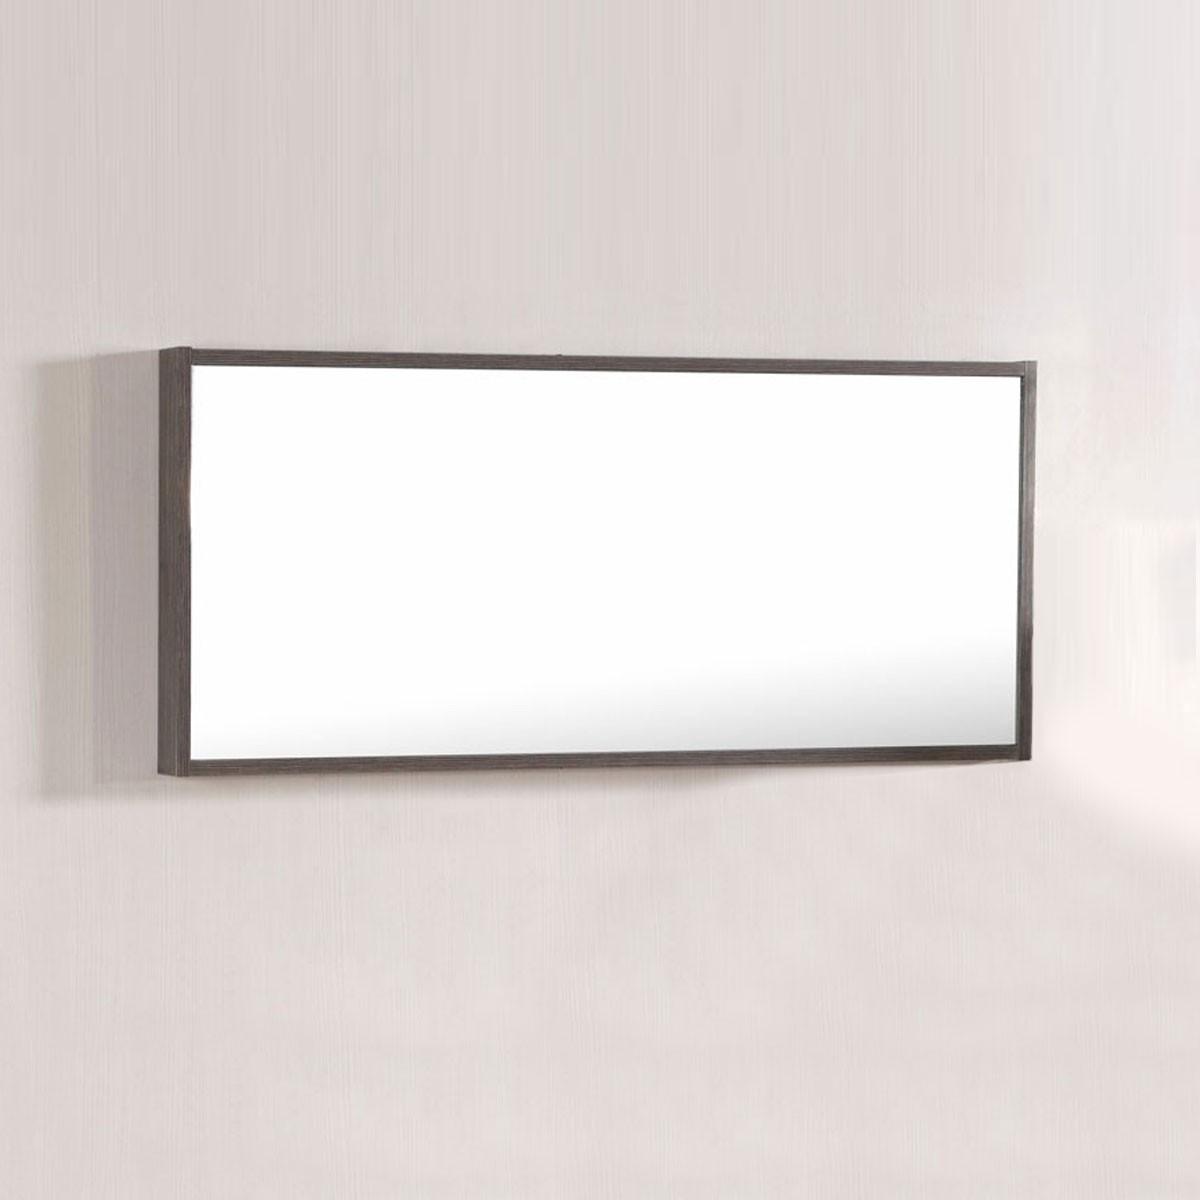 40 x 18 po Miroir pour Meuble Salle de Bain (DK-T5167A-M)